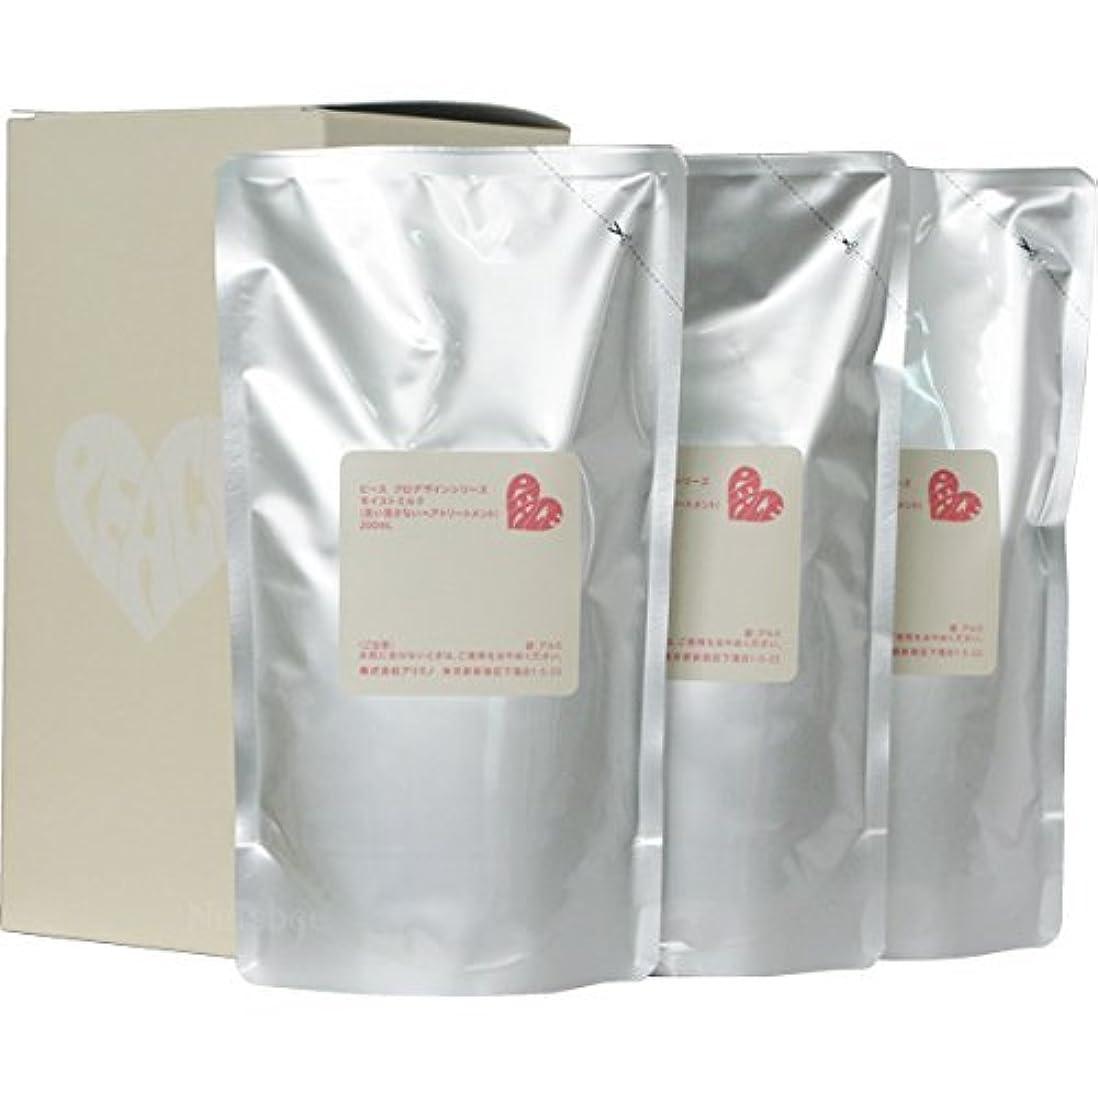 メナジェリーキャンドル逸話ピース プロデザインシリーズ モイストミルク バニラ リフィル 200ml×3